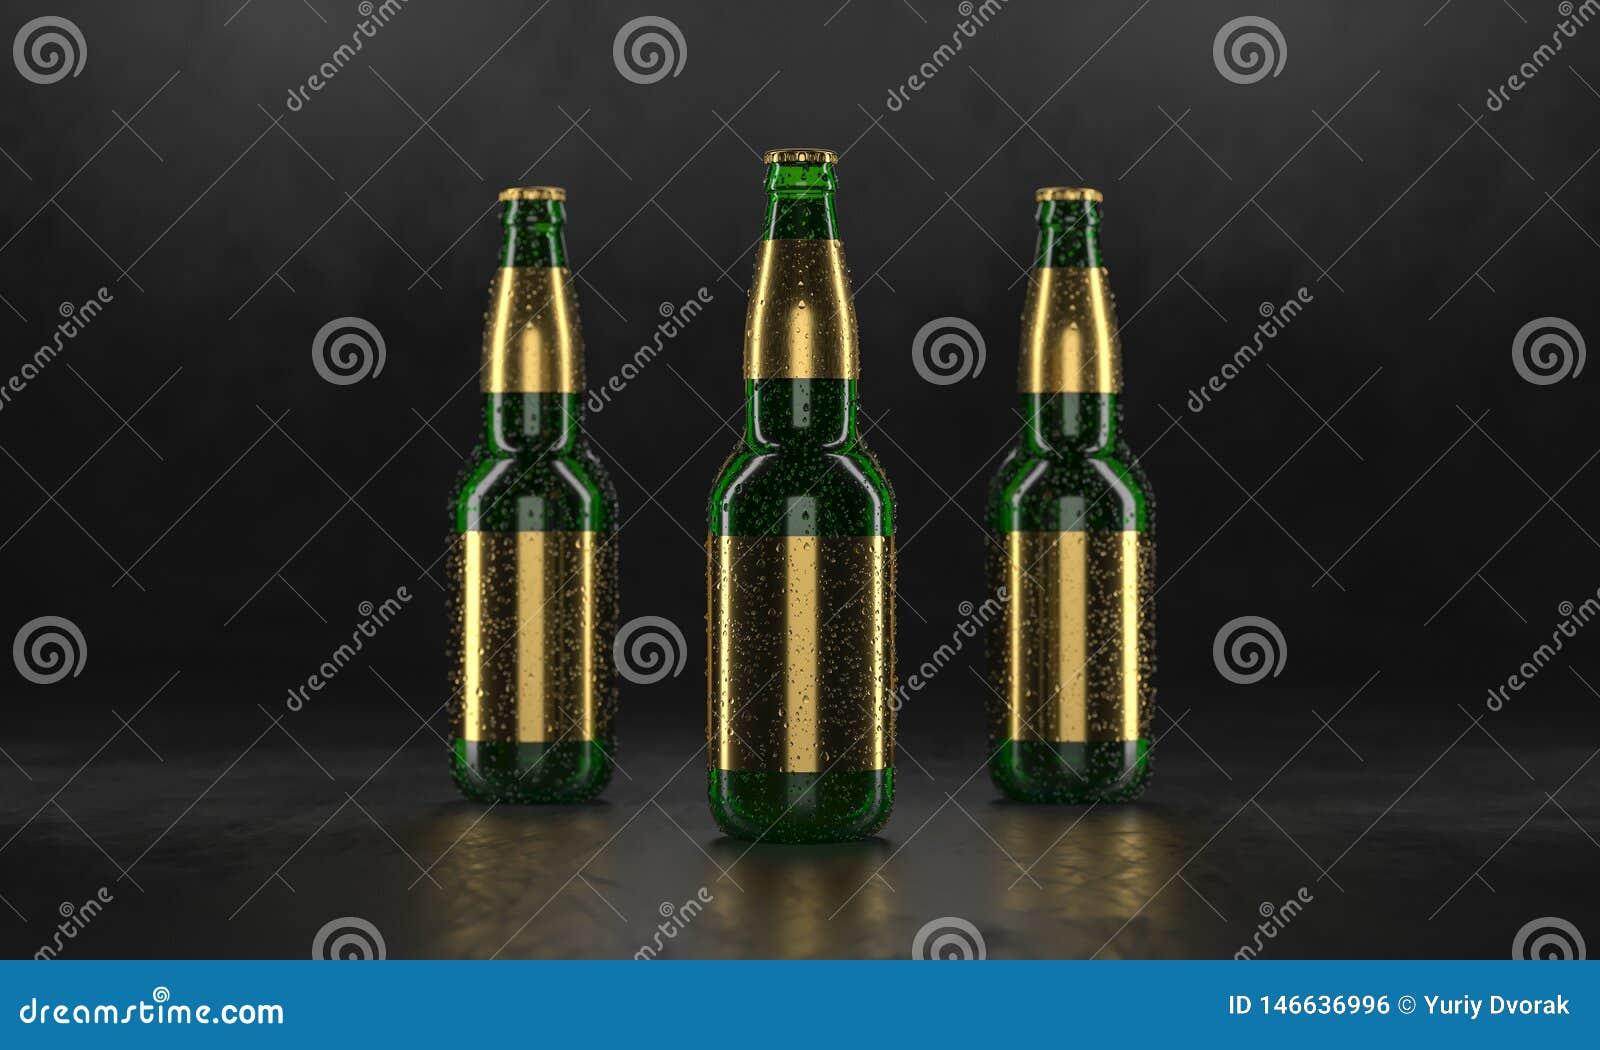 Τρία μπουκάλια μπύρας που στέκονται σε έναν αγροτικό μαύρο πίνακα Χλεύη μπύρας επάνω Τα υγρά μπουκάλια μπύρας οι ετικέτες και οι